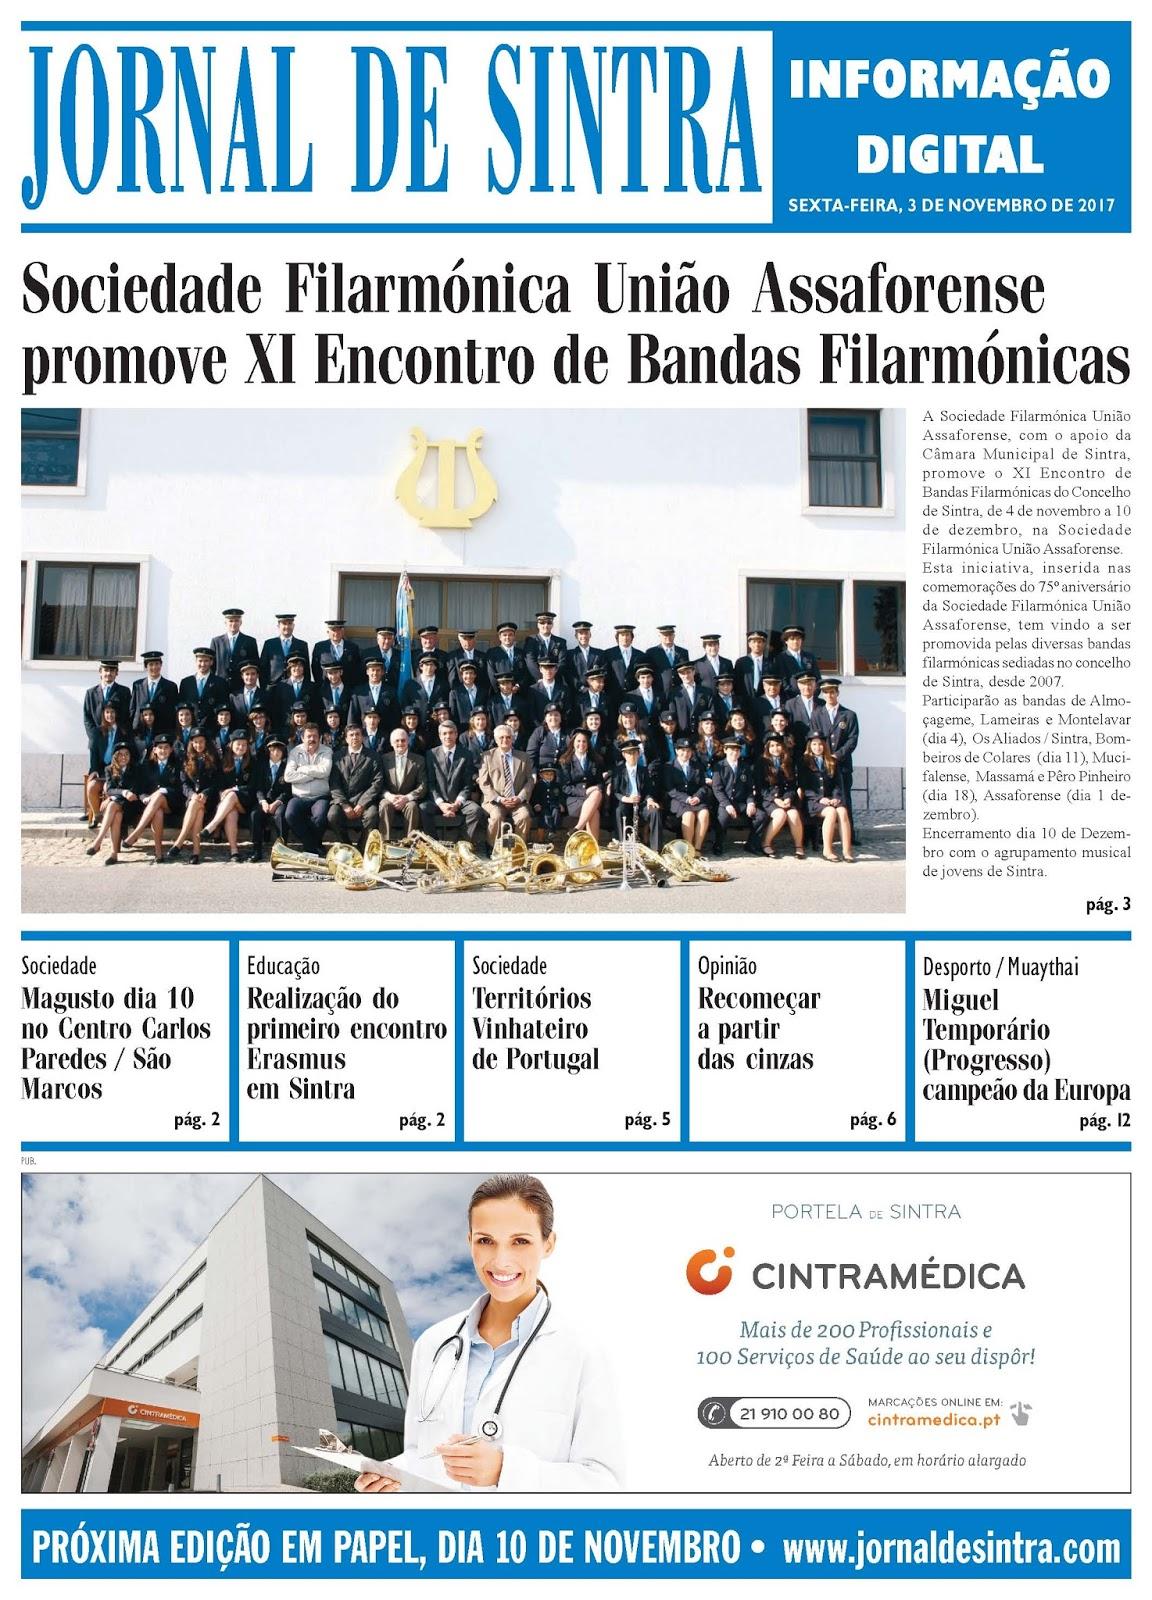 Capa da edição de 03-11-2017